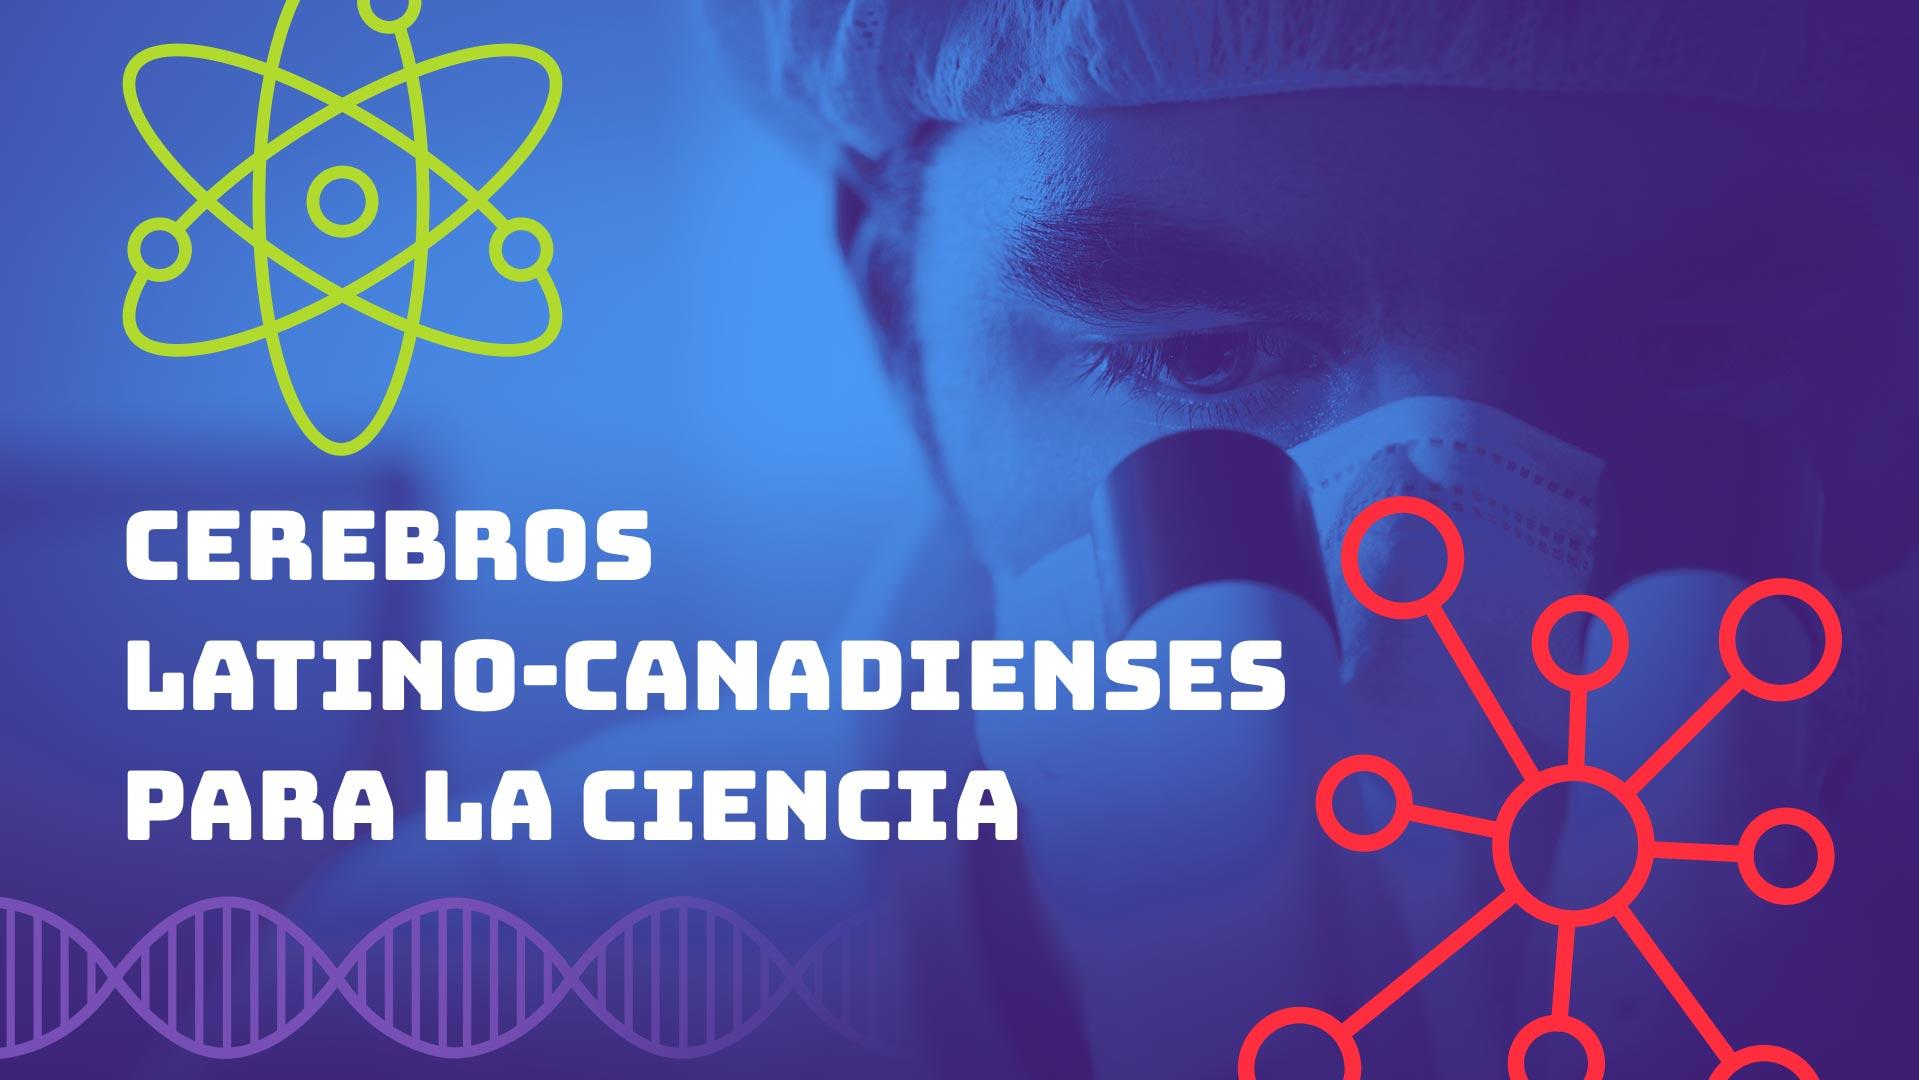 le texte «Cerebros latino-canadienses para la ciencia» en blanc accompagné de divers symboles scientifiques avec comme fond la photographie d'un chercheur